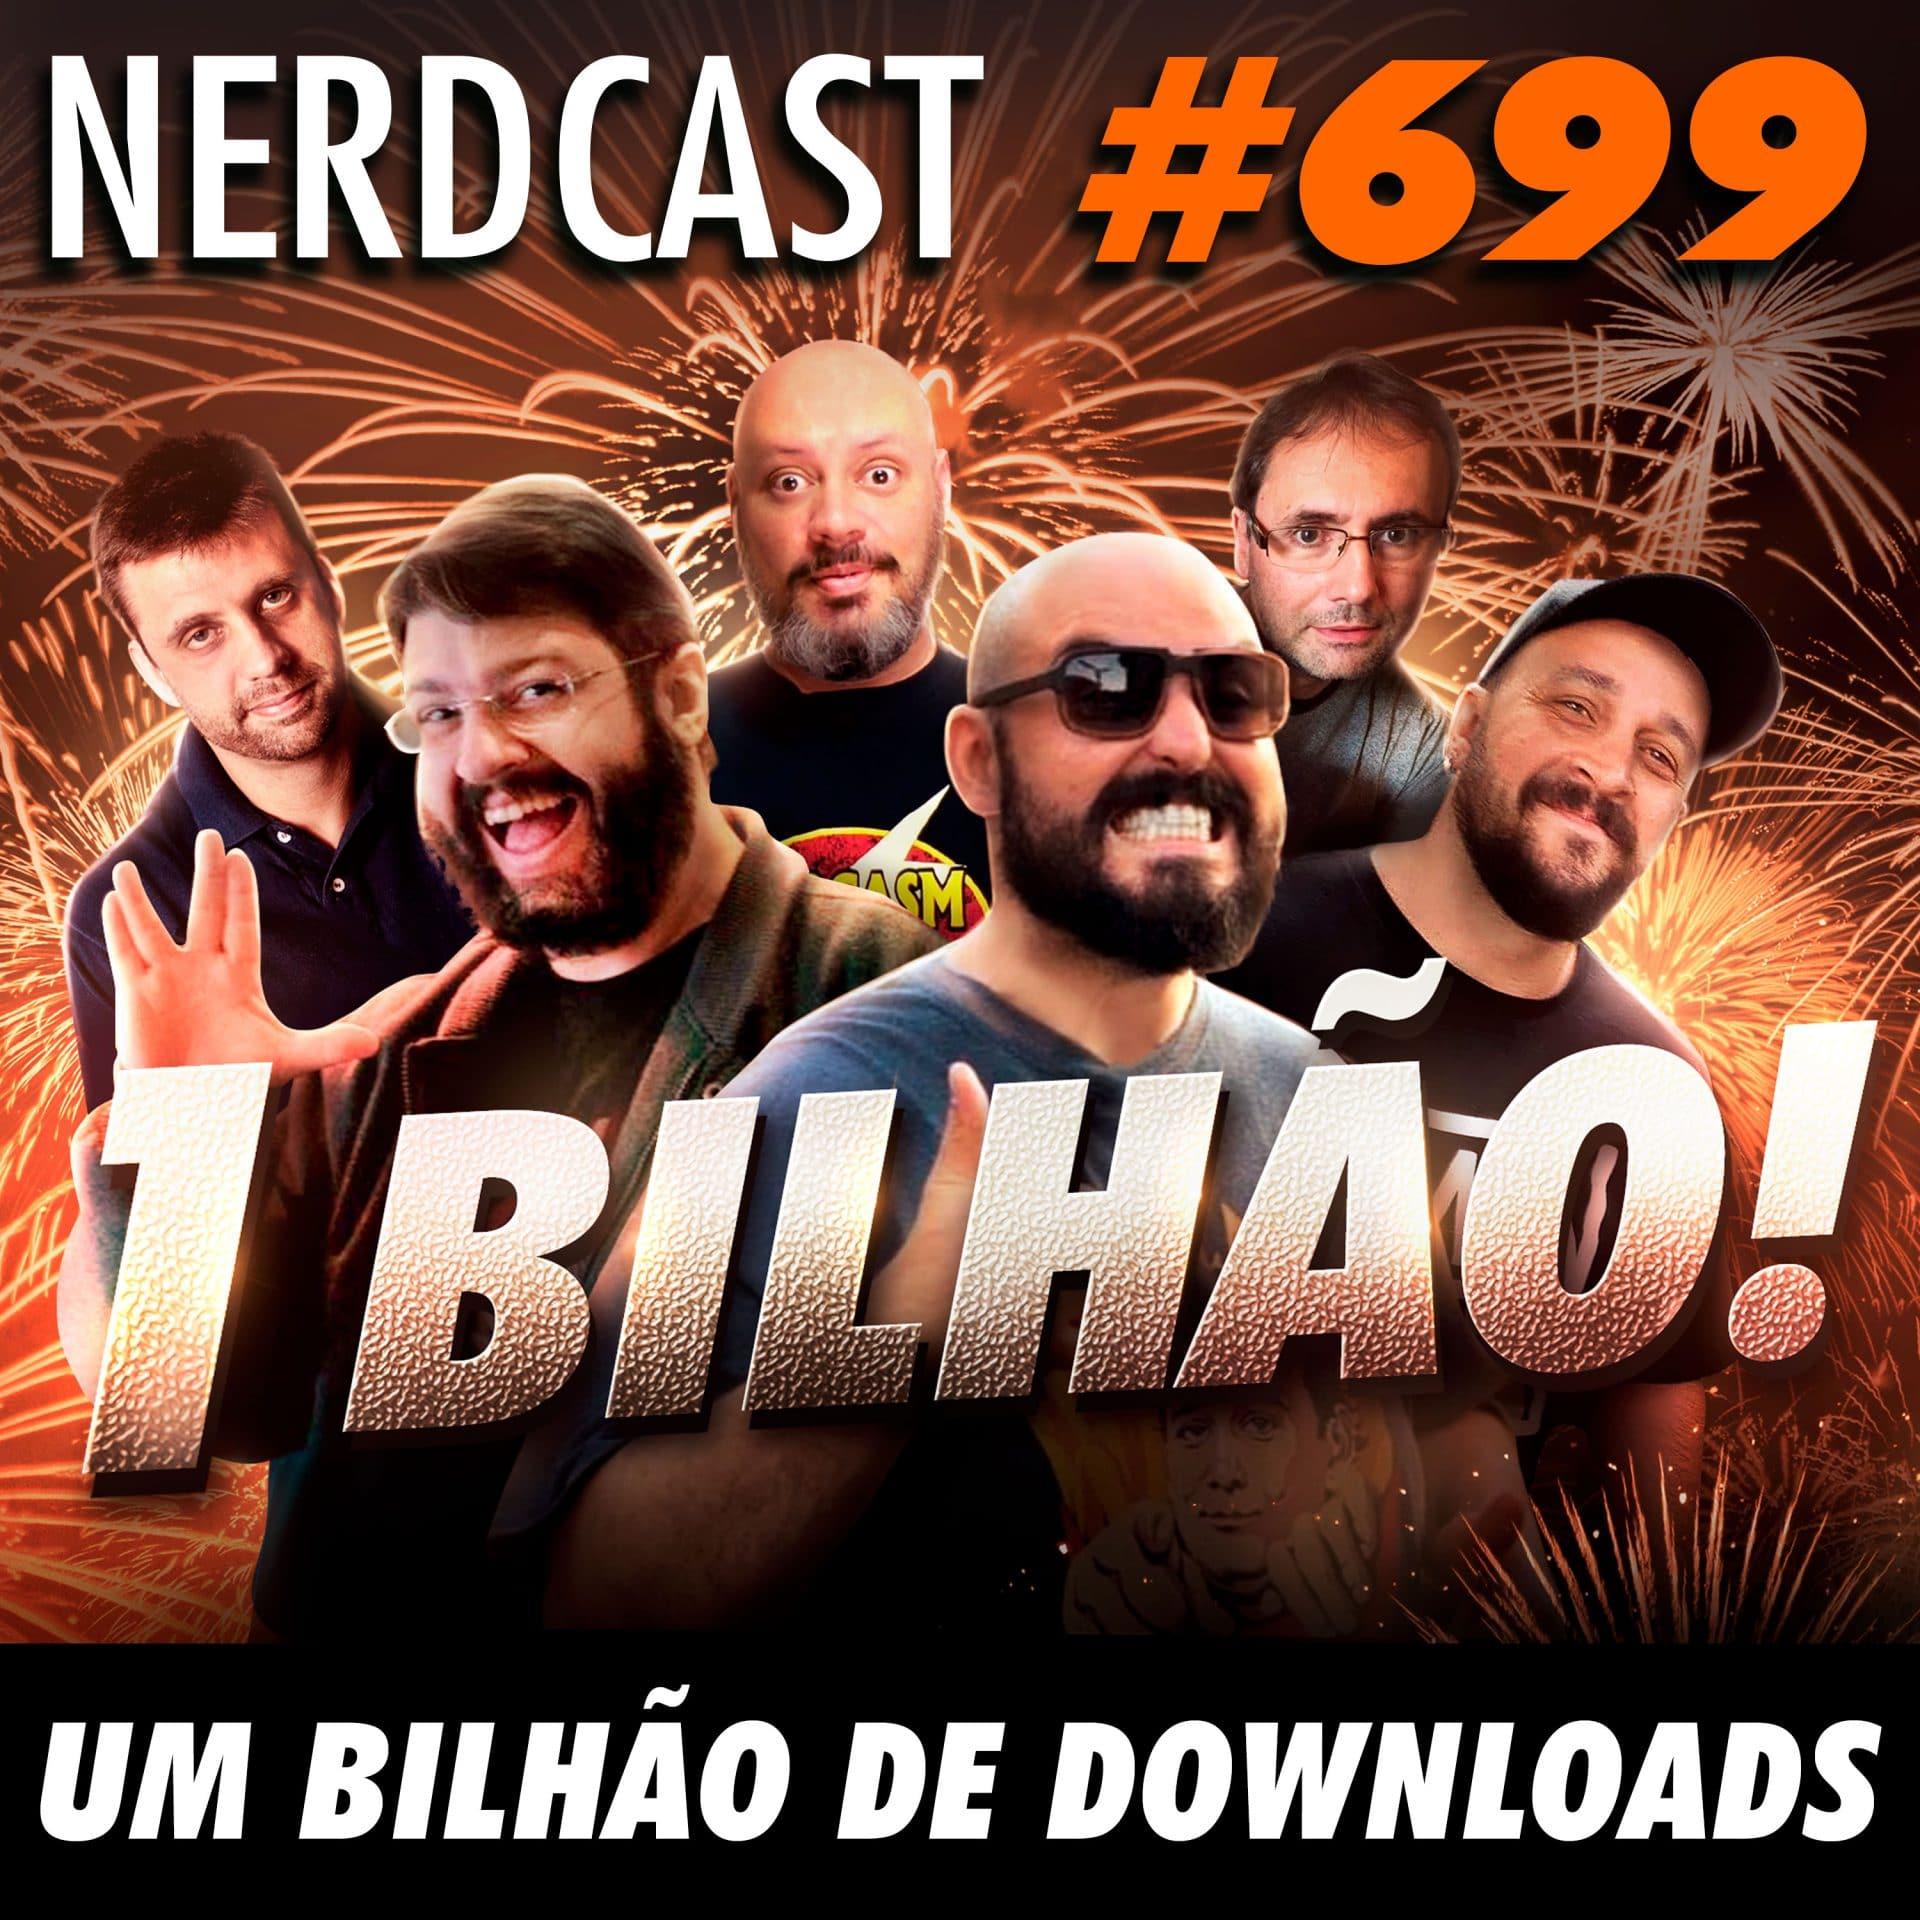 NerdCast 699 - UM BILHÃO DE DOWNLOADS